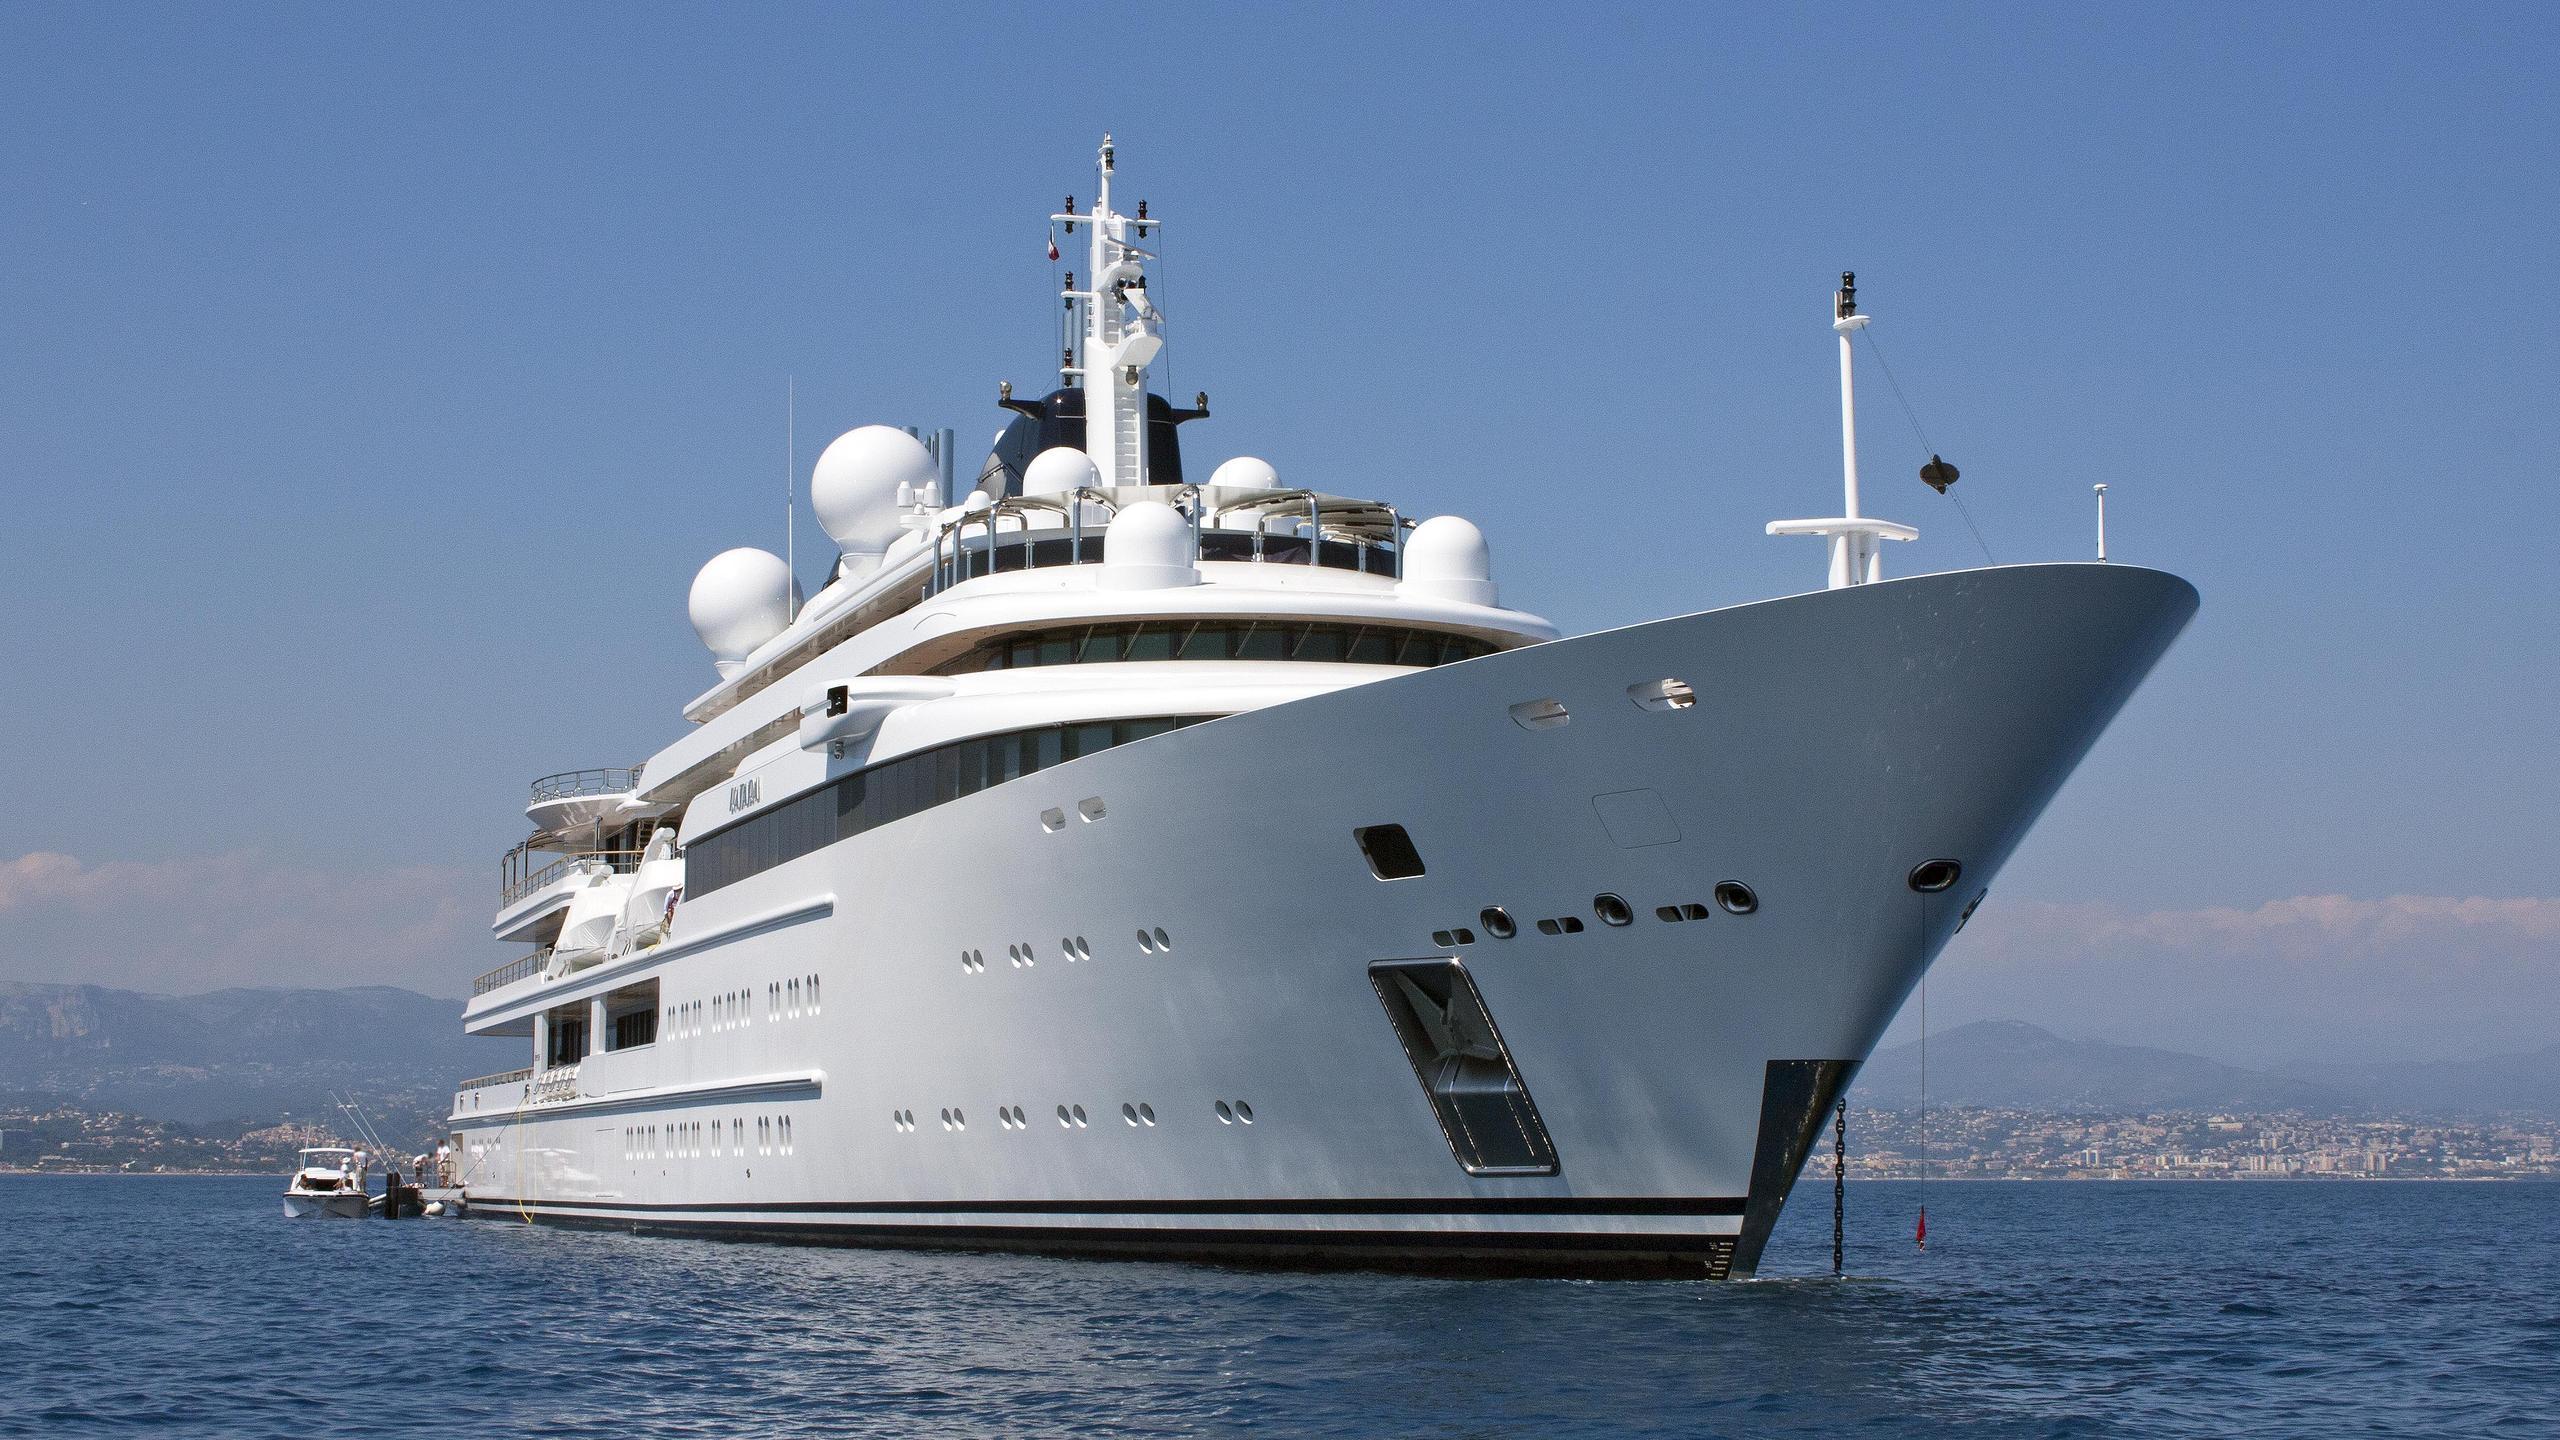 katara-motor-yacht-lurssen-2010-124m-bow